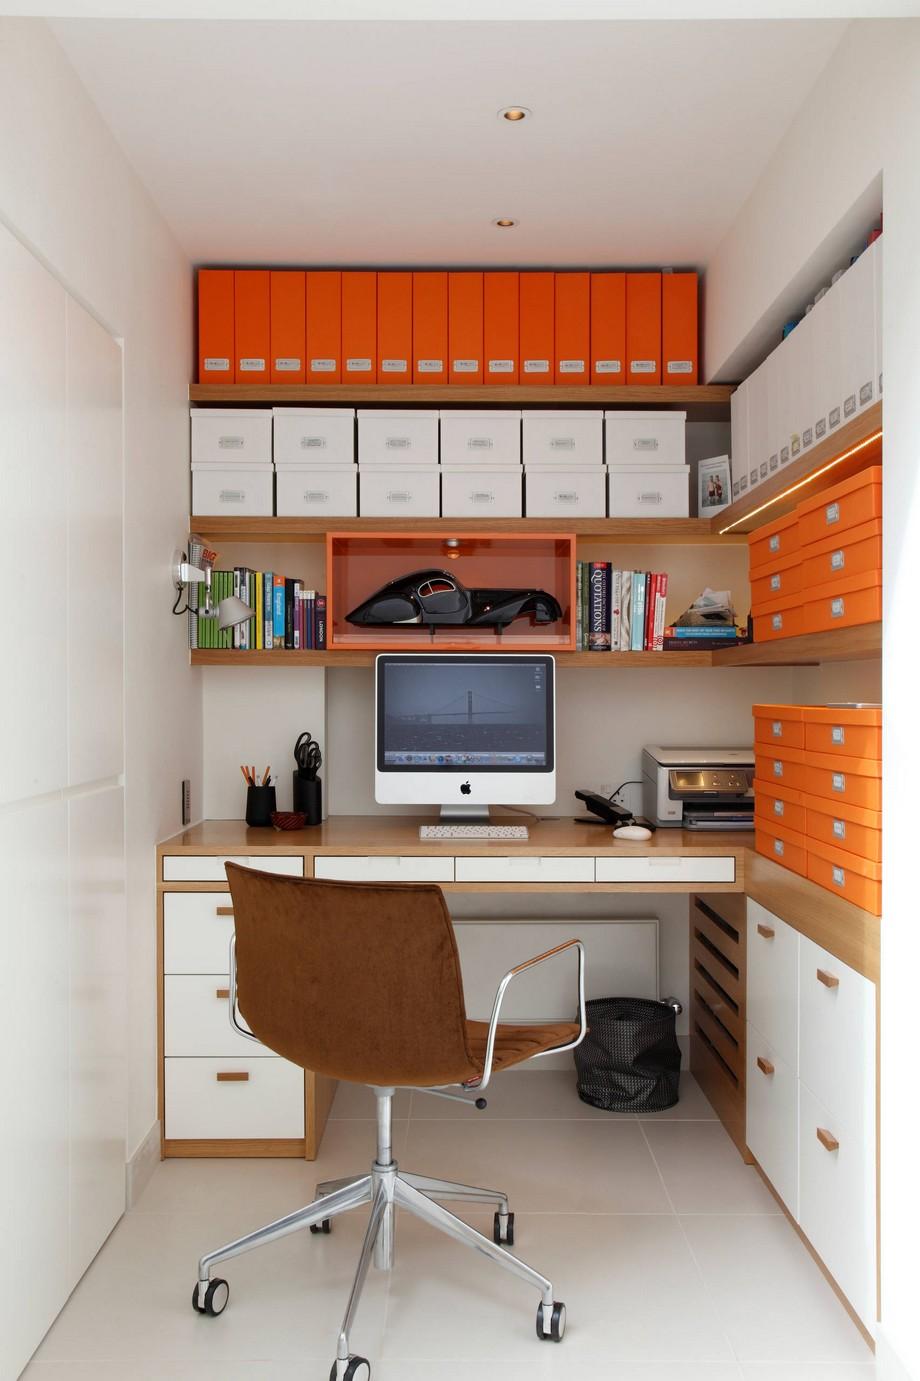 Những hình ảnh văn phòng làm việc tại nhà nhỏ hiện đại